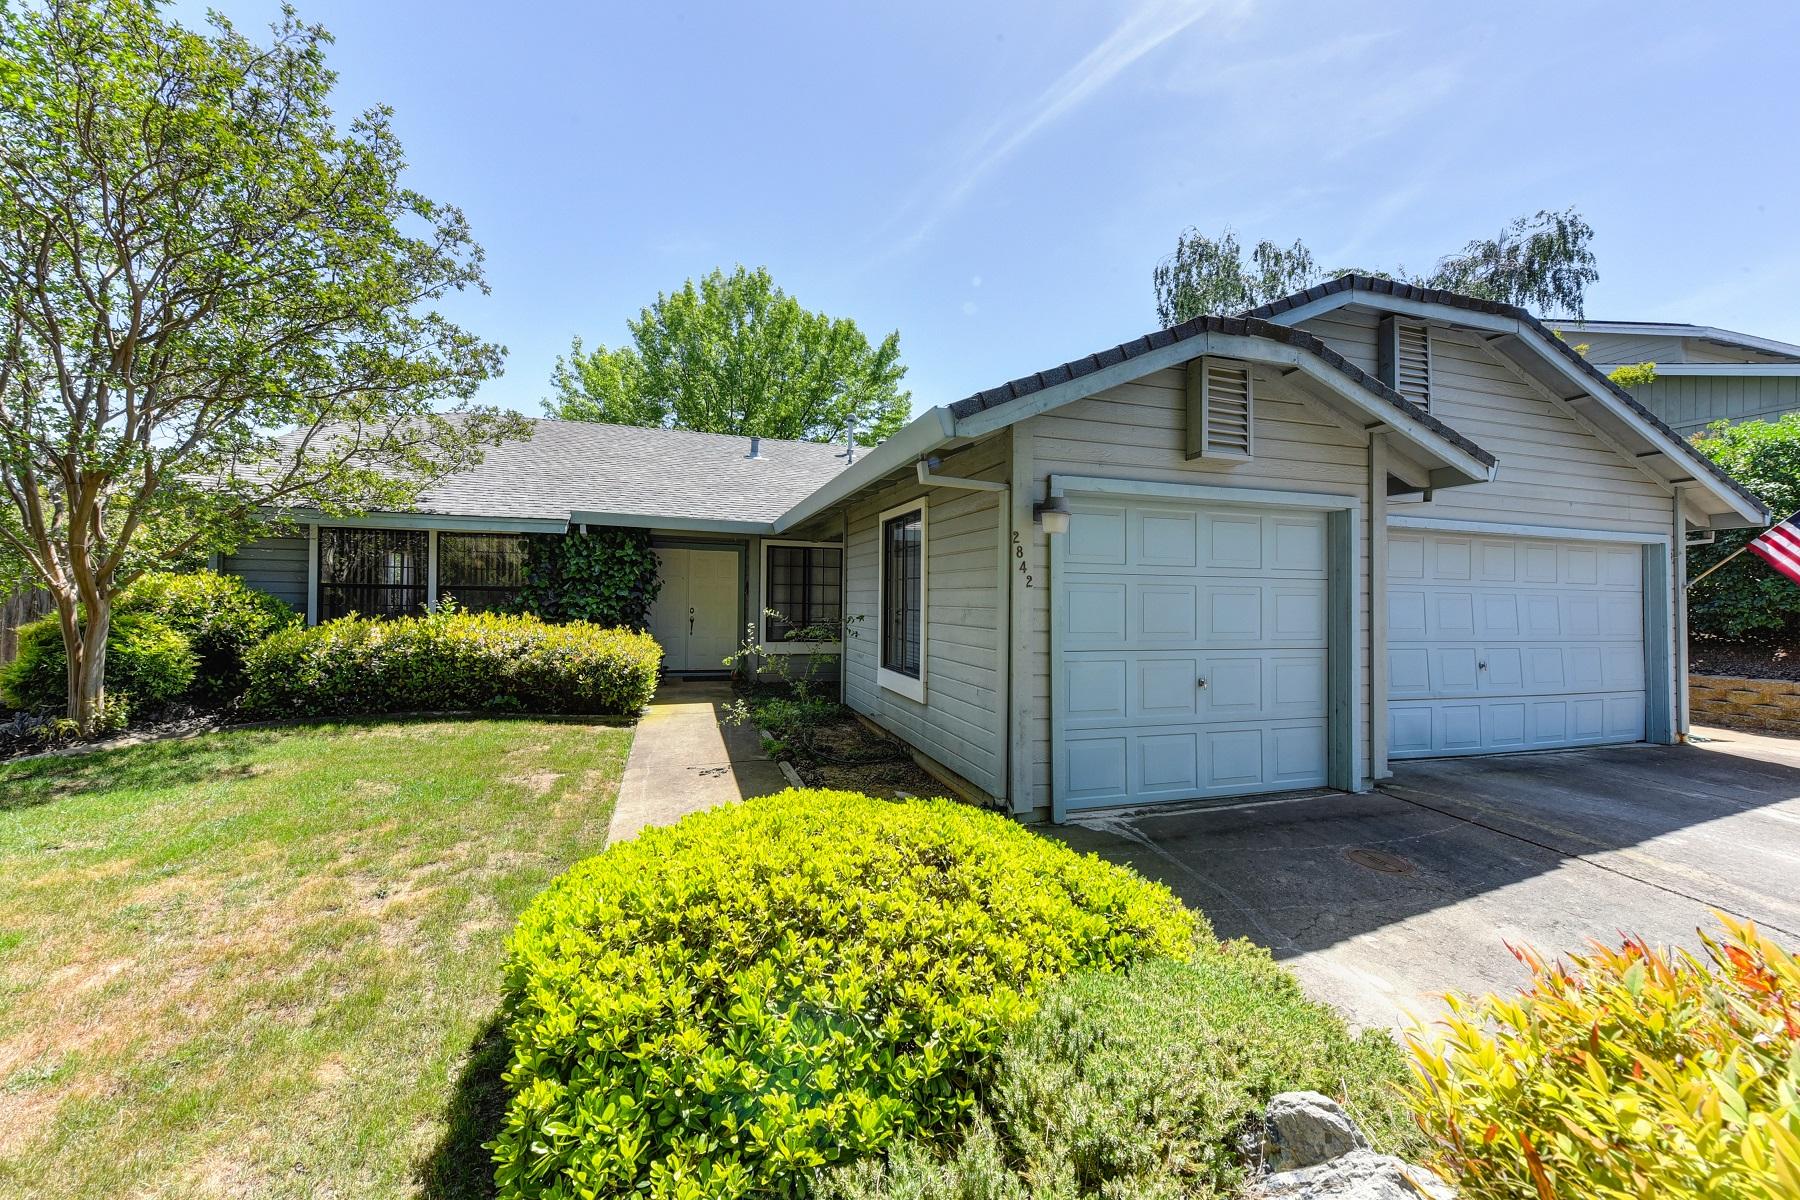 Maison unifamiliale pour l Vente à 2842 Clemson Drive, Cameron Park, CA 95682 Cameron Park, Californie 95682 États-Unis